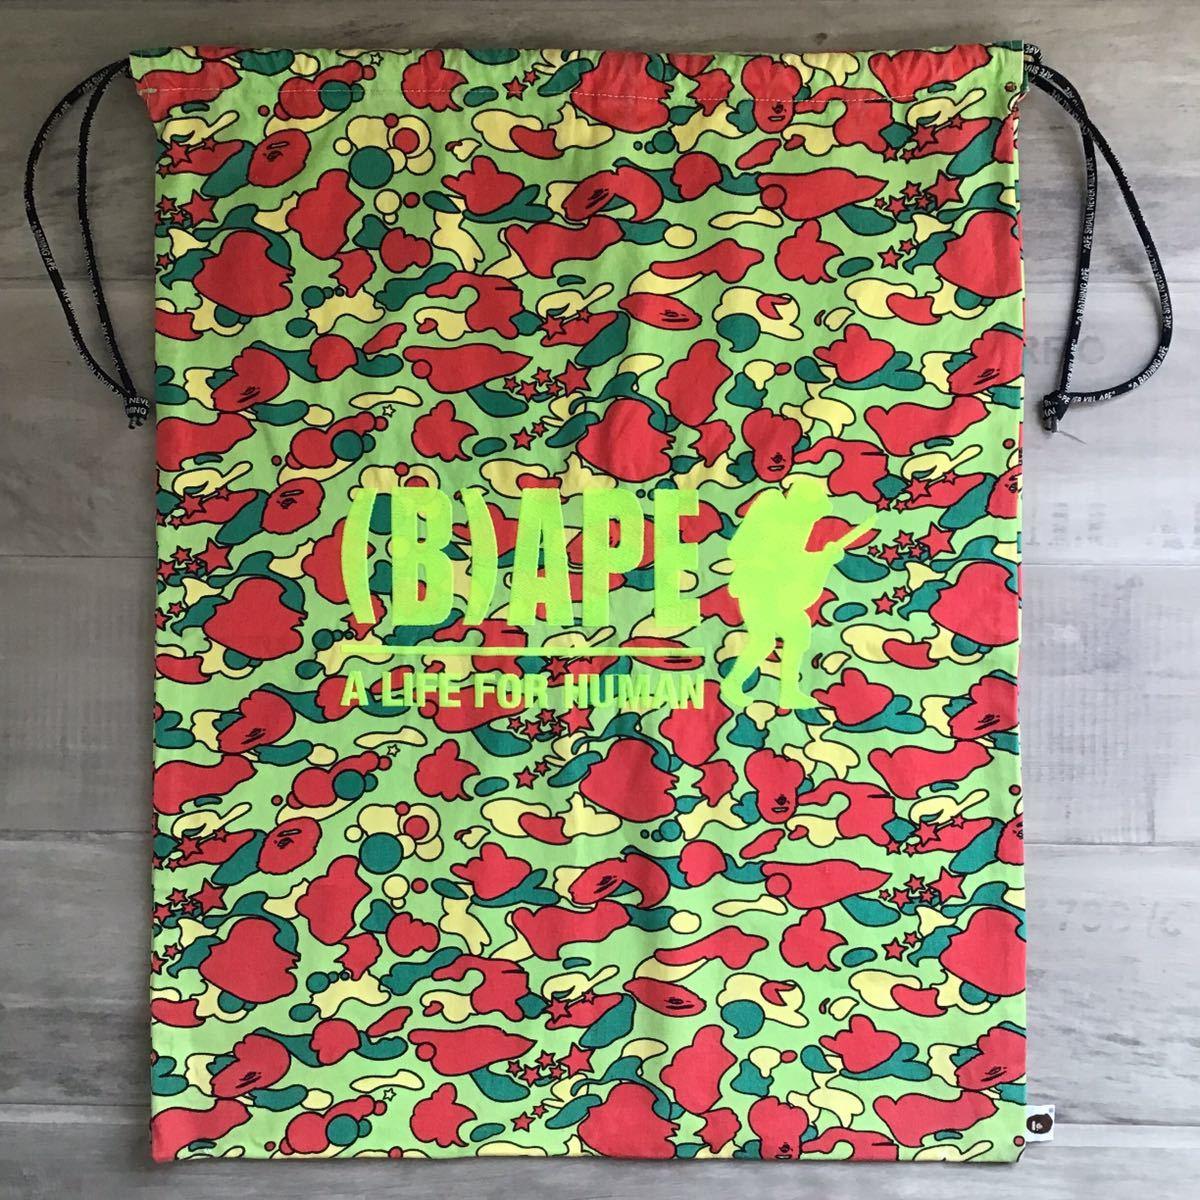 ★激レア★ 大型 巾着袋 psyche camo a bathing ape bape foot soldier シューズ バッグ スニーカー bag エイプ ベイプ フットソルジャー